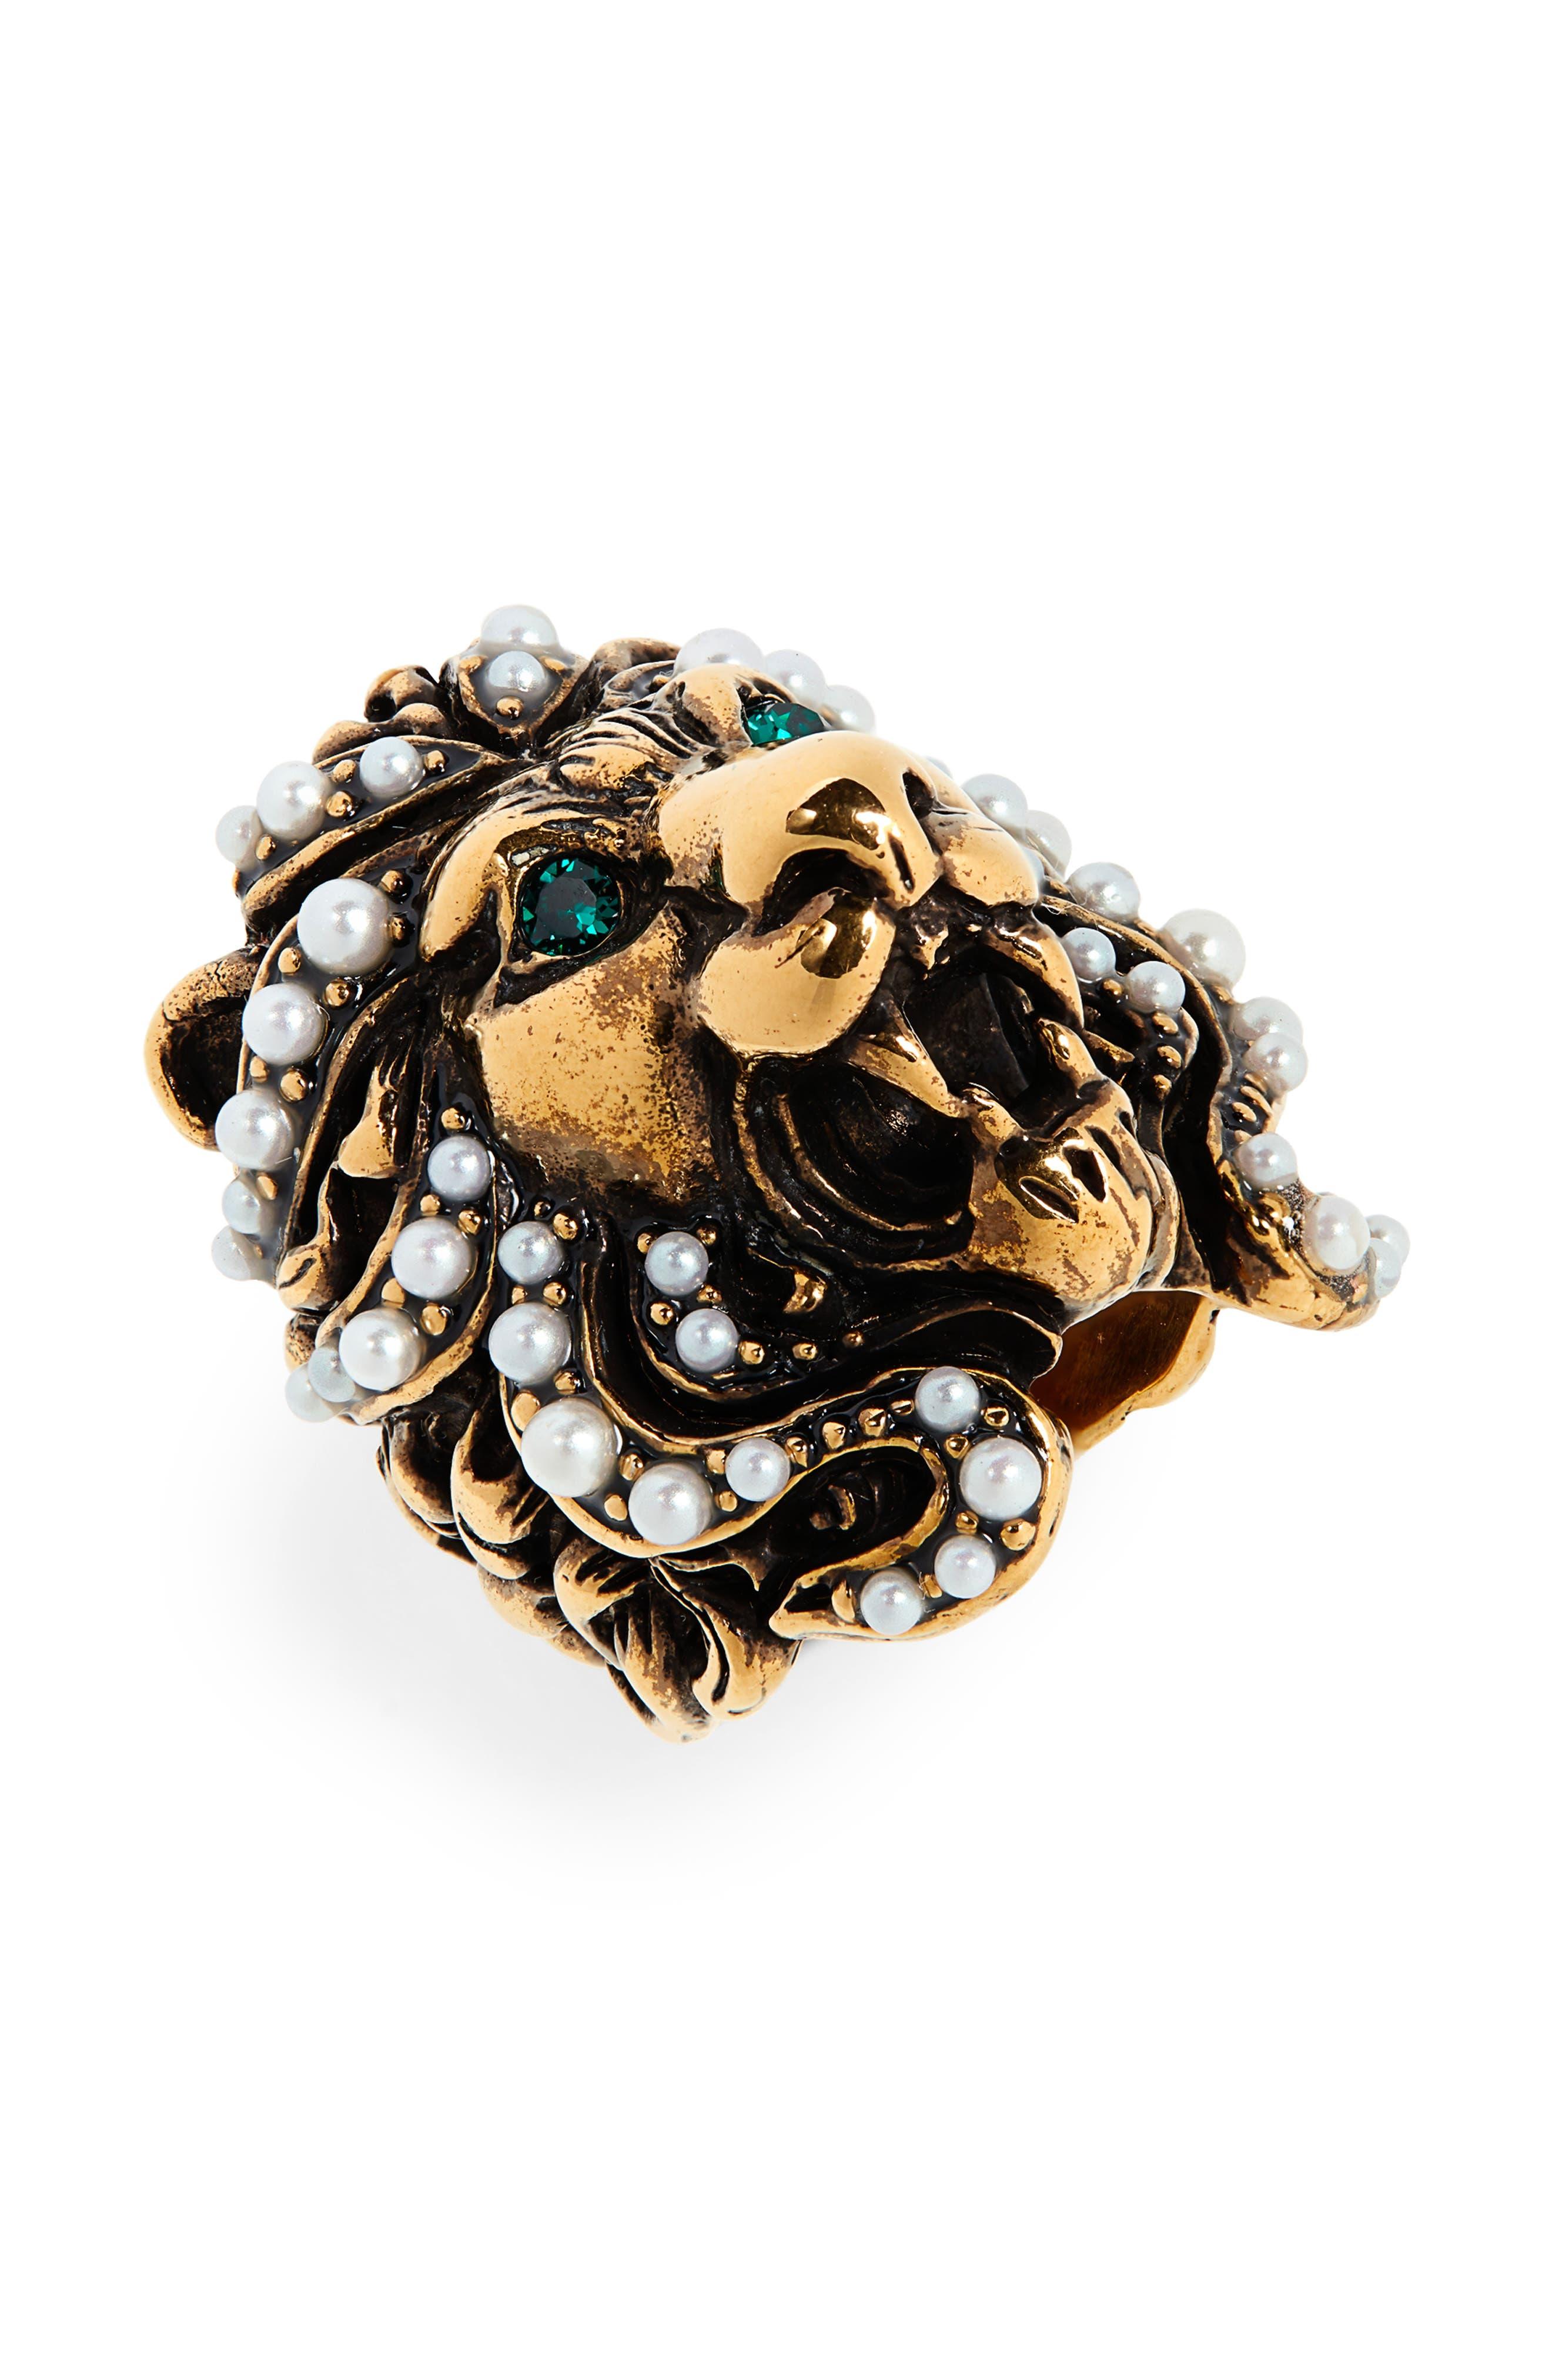 GUCCI, Lion Head Imitation Pearl & Crystal Ring, Main thumbnail 1, color, GOLD/ PEARL